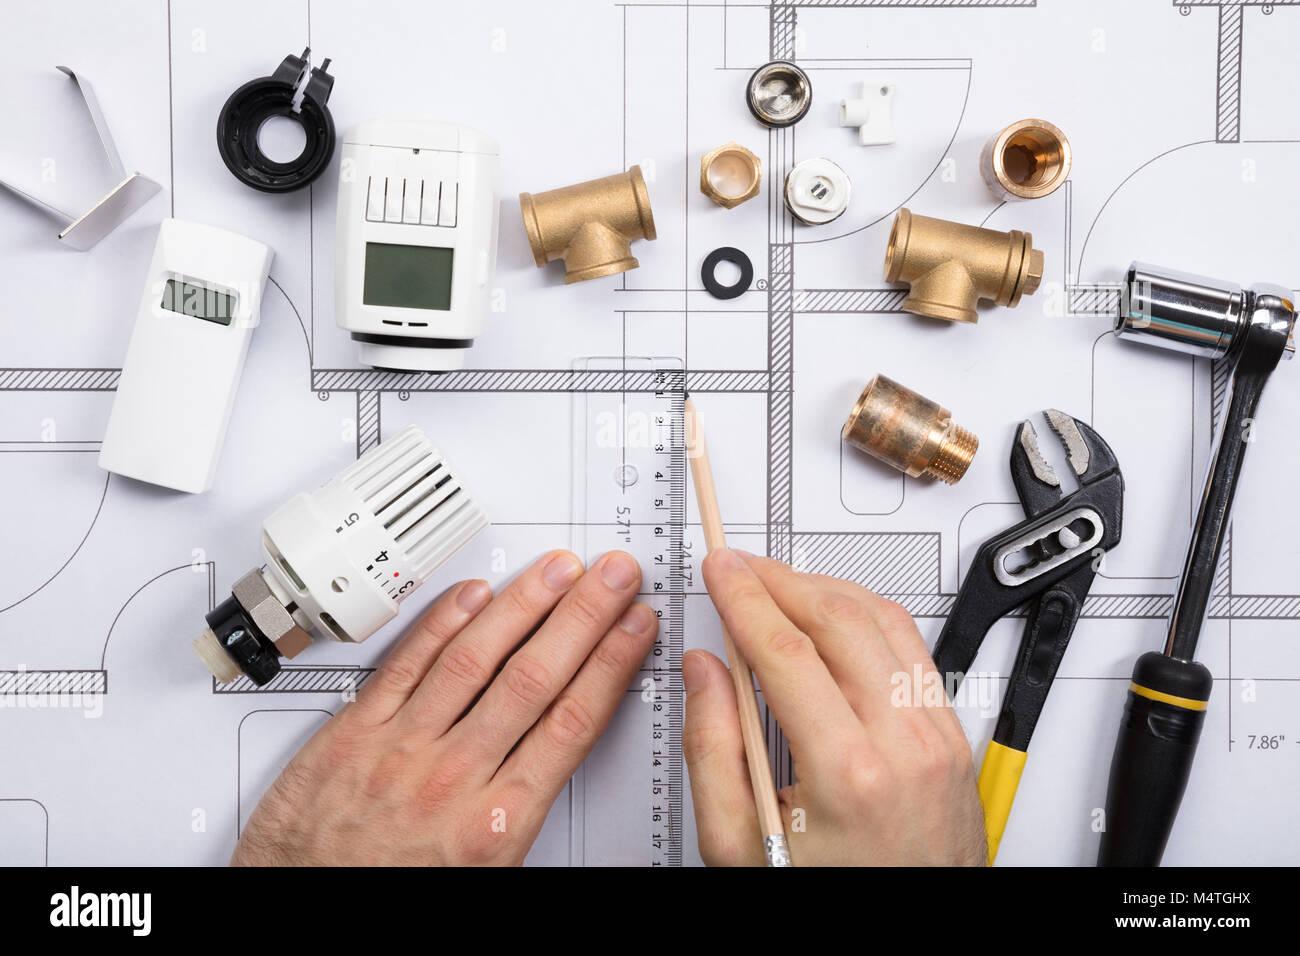 https www alamyimages fr photo image portrait de l architecte plan de dessin avec thermostat et d outils de travail sur les bleus 175102198 html